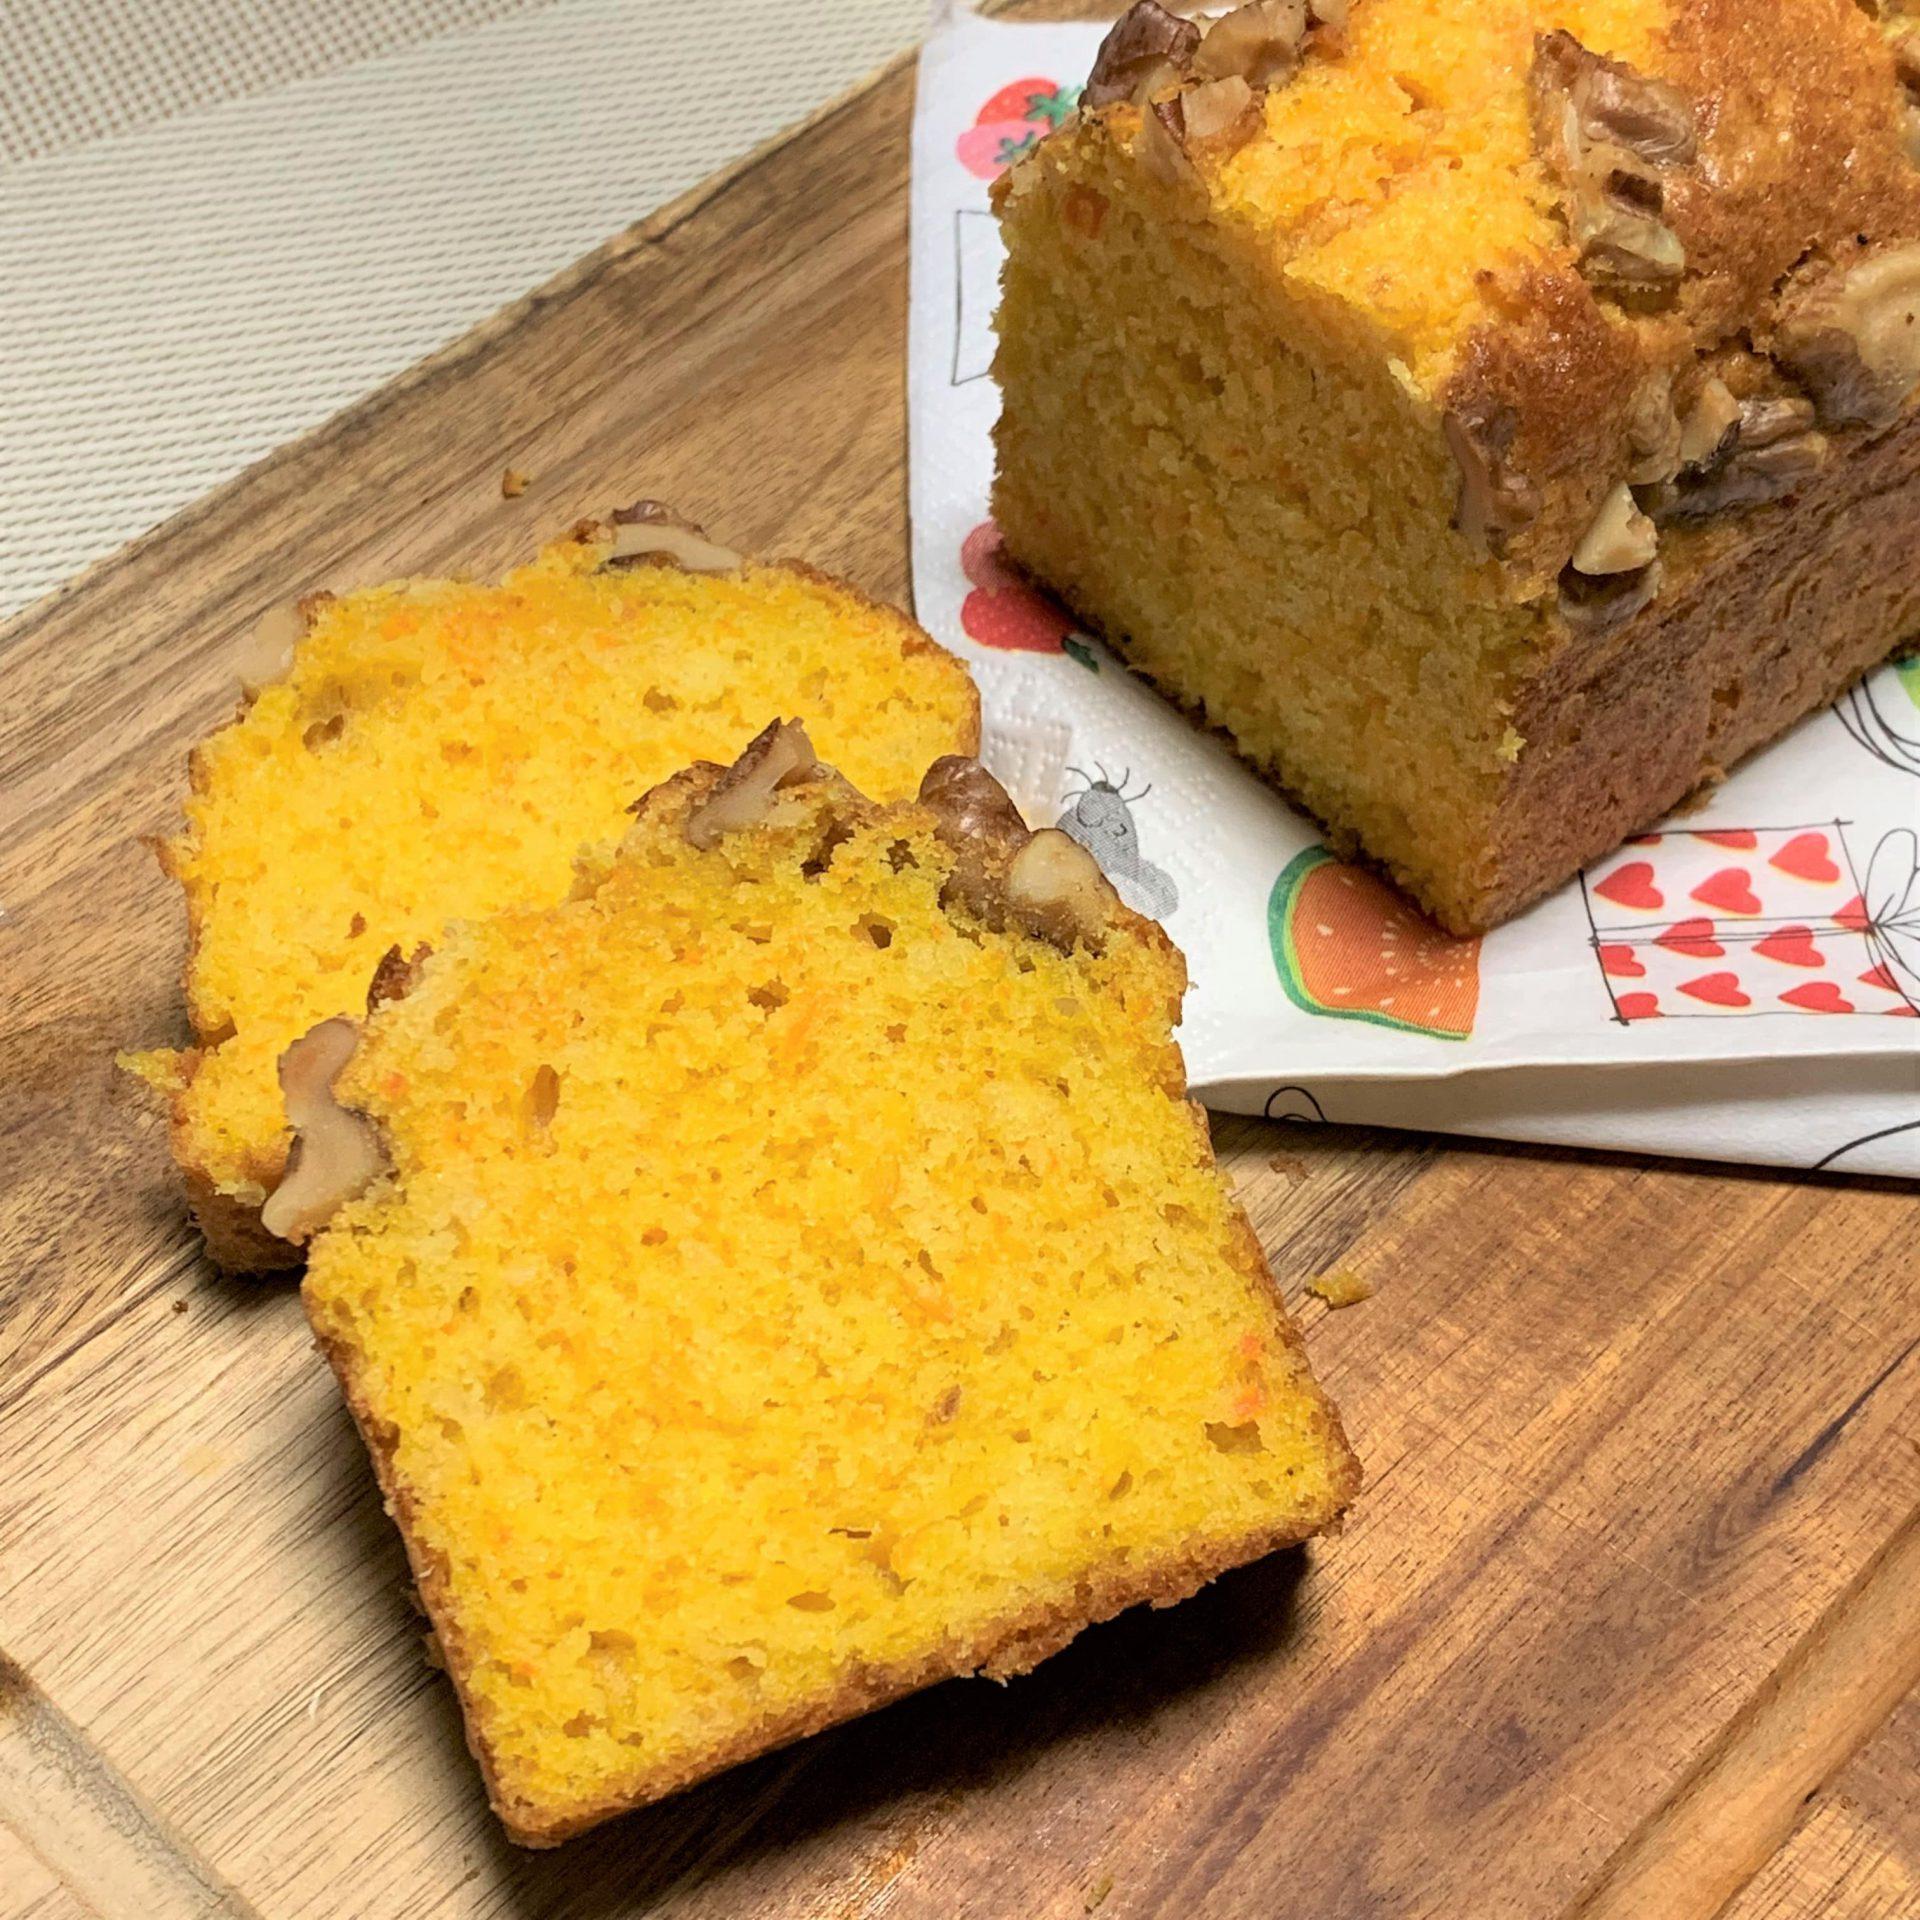 ヘルシー簡単おやつ☆クルミとニンジンのパウンドケーキ